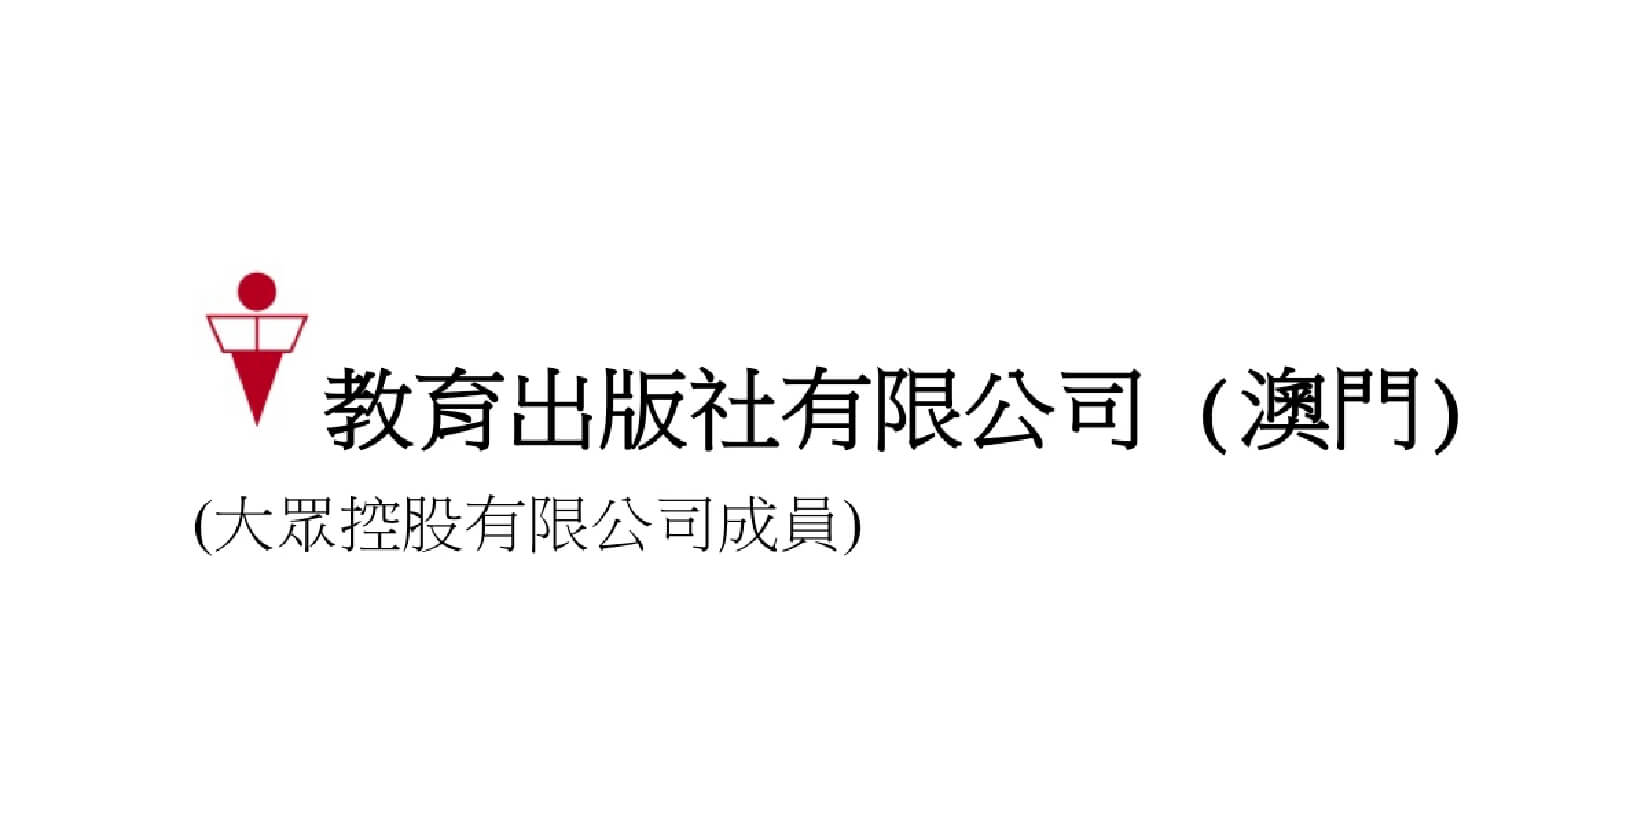 教育出版社 macau jobscall.me recruitment ad 澳門招聘-01-2.jpg